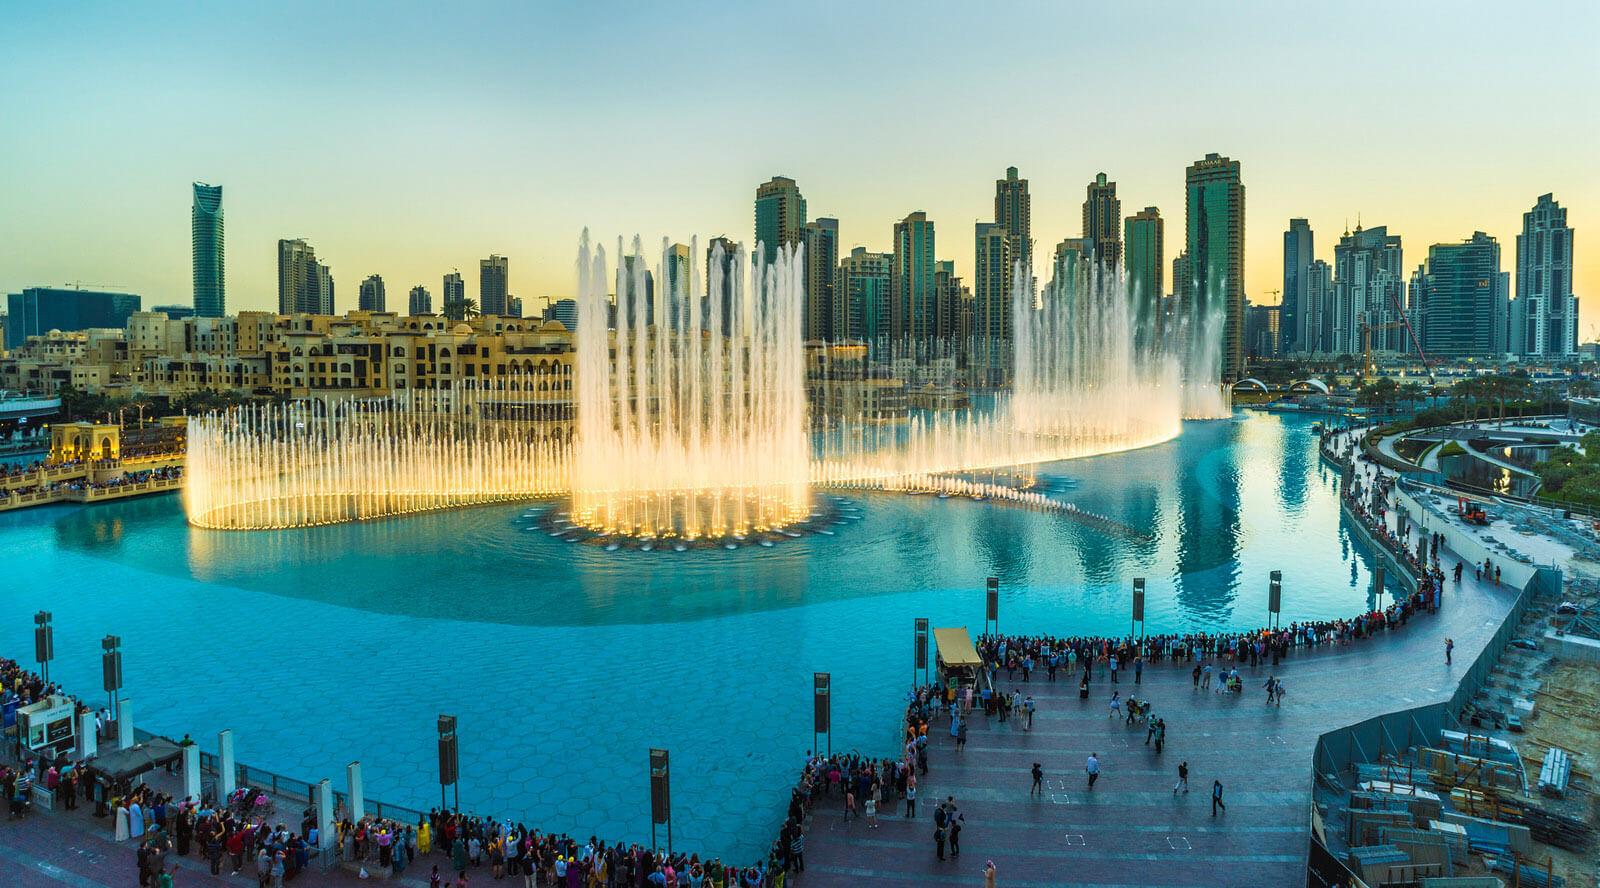 Танцующий музыкальный фонтан в Дубае